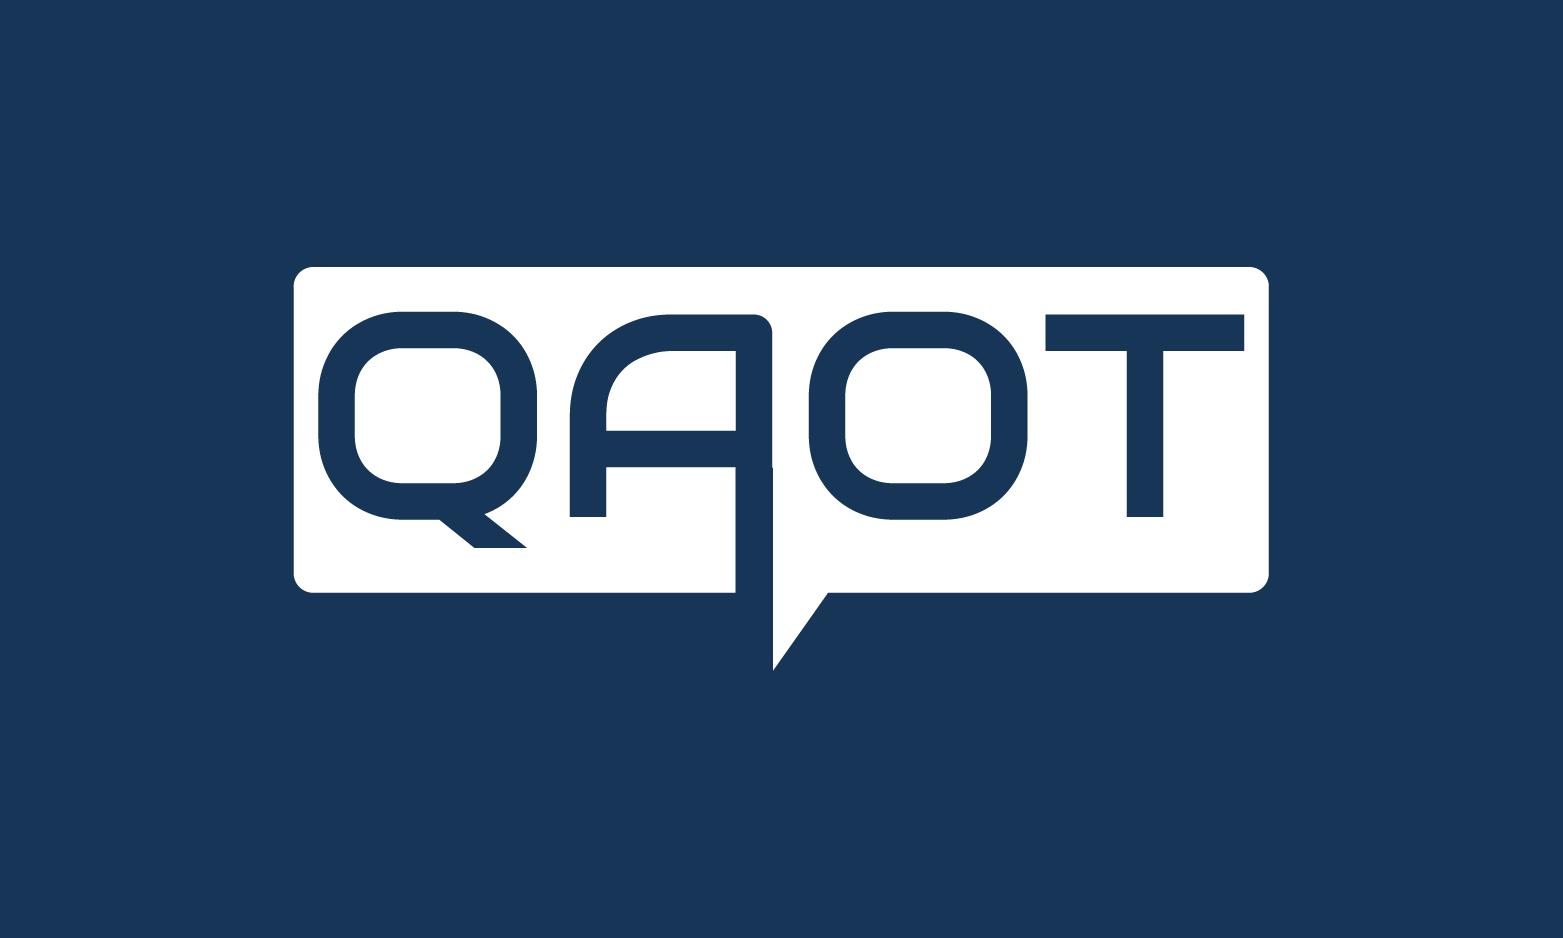 QAOT.com